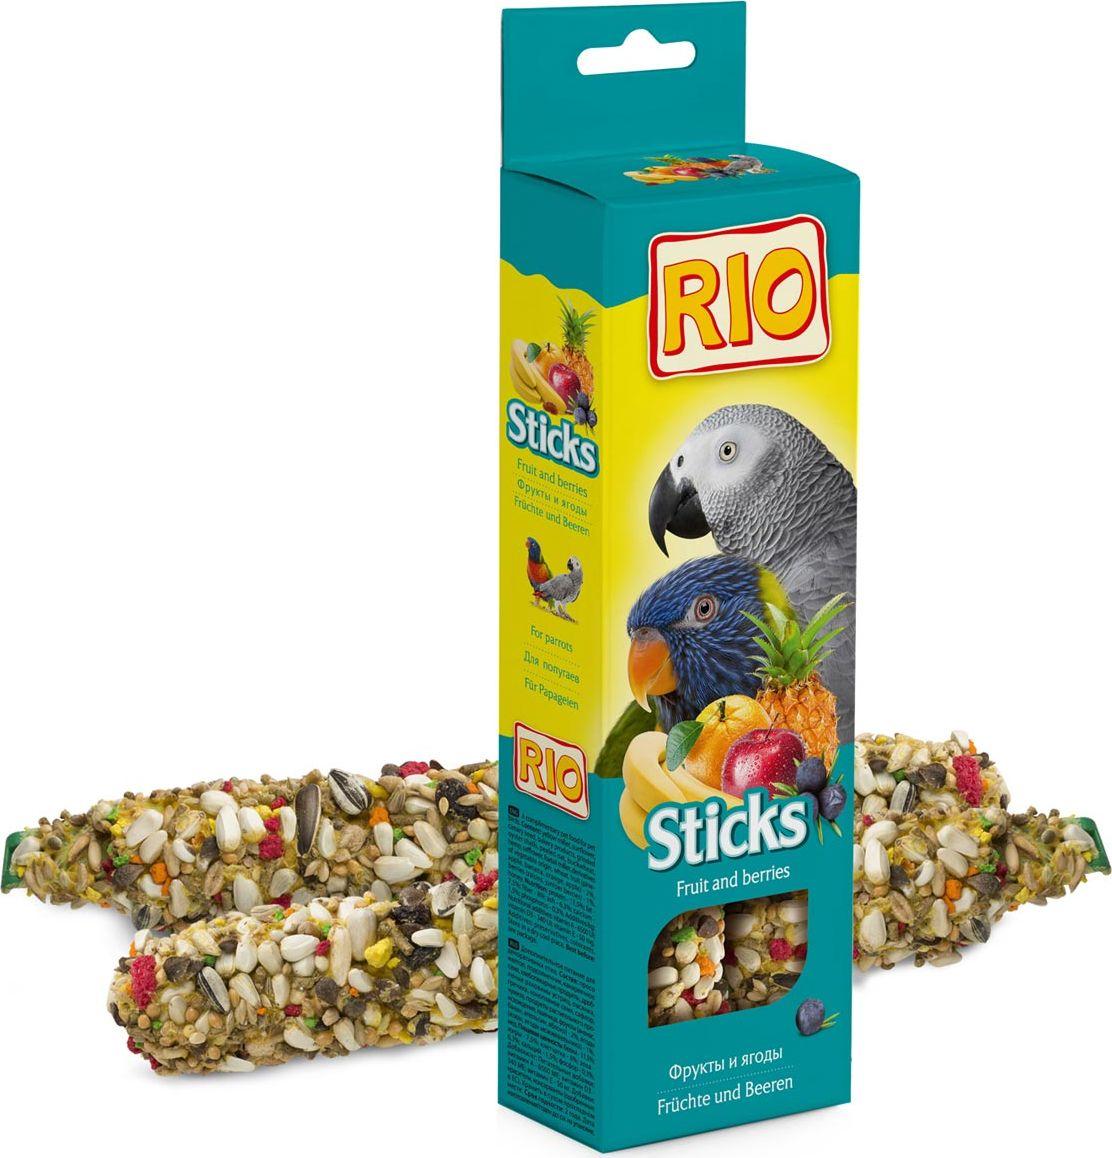 Лакомство для попугаев RIO, палочки, с фруктами и ягодами, 75 г, 2 шт56824Лакомство RIO - это дополнительное питание для попугаев. В процессе производства палочки запекают в специальных печах особым способом, это обеспечивает превосходный вкус и хрустящую консистенцию.Лакомство имеет буковый стержень, который отлично подходит для чистки клюва.Товар сертифицирован.